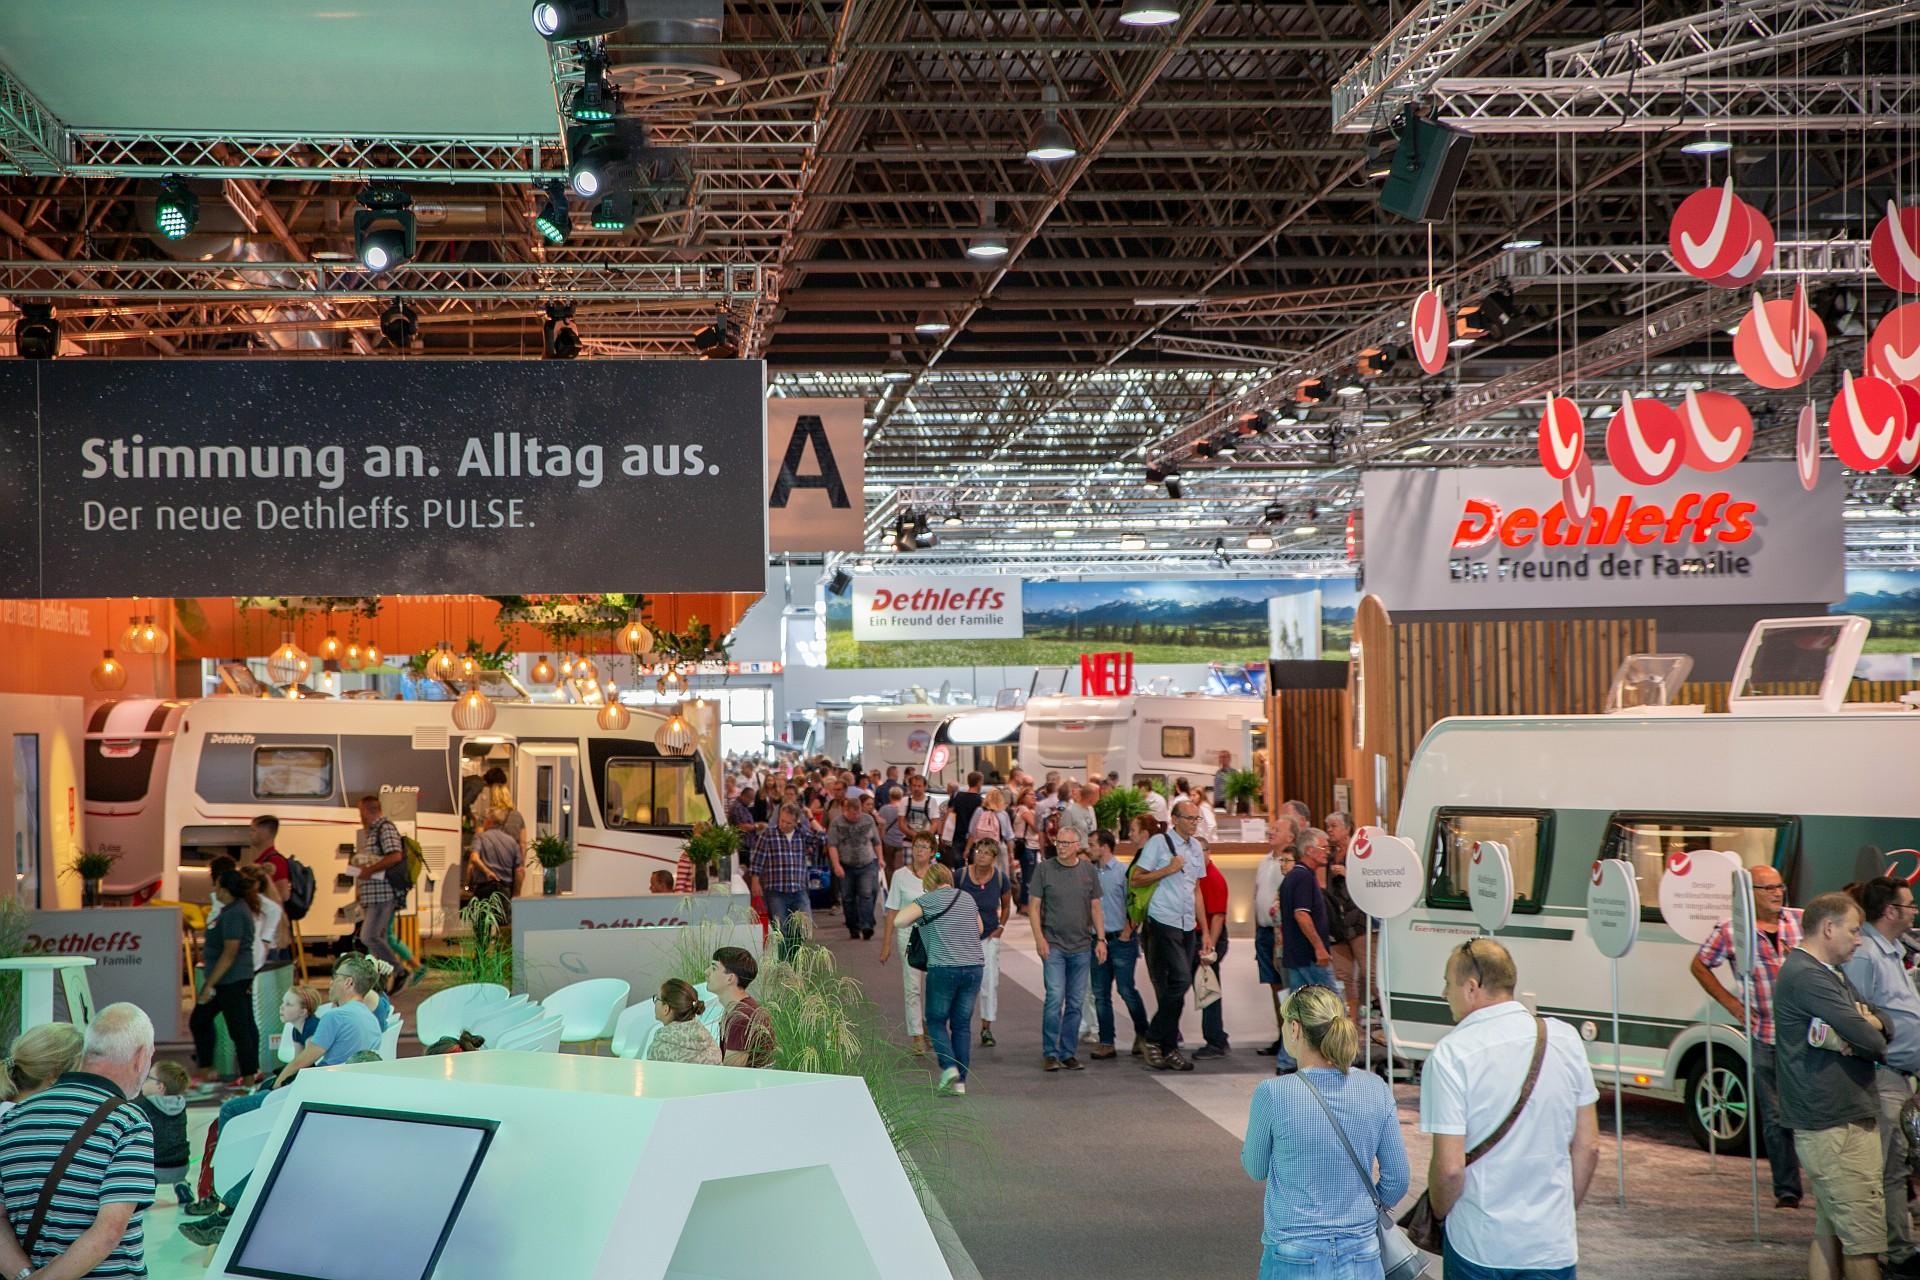 Wohnwagen Dethleffs Etagenbett : Dethleffs u caravans und reisemobile vom wohnwagen pionier ein